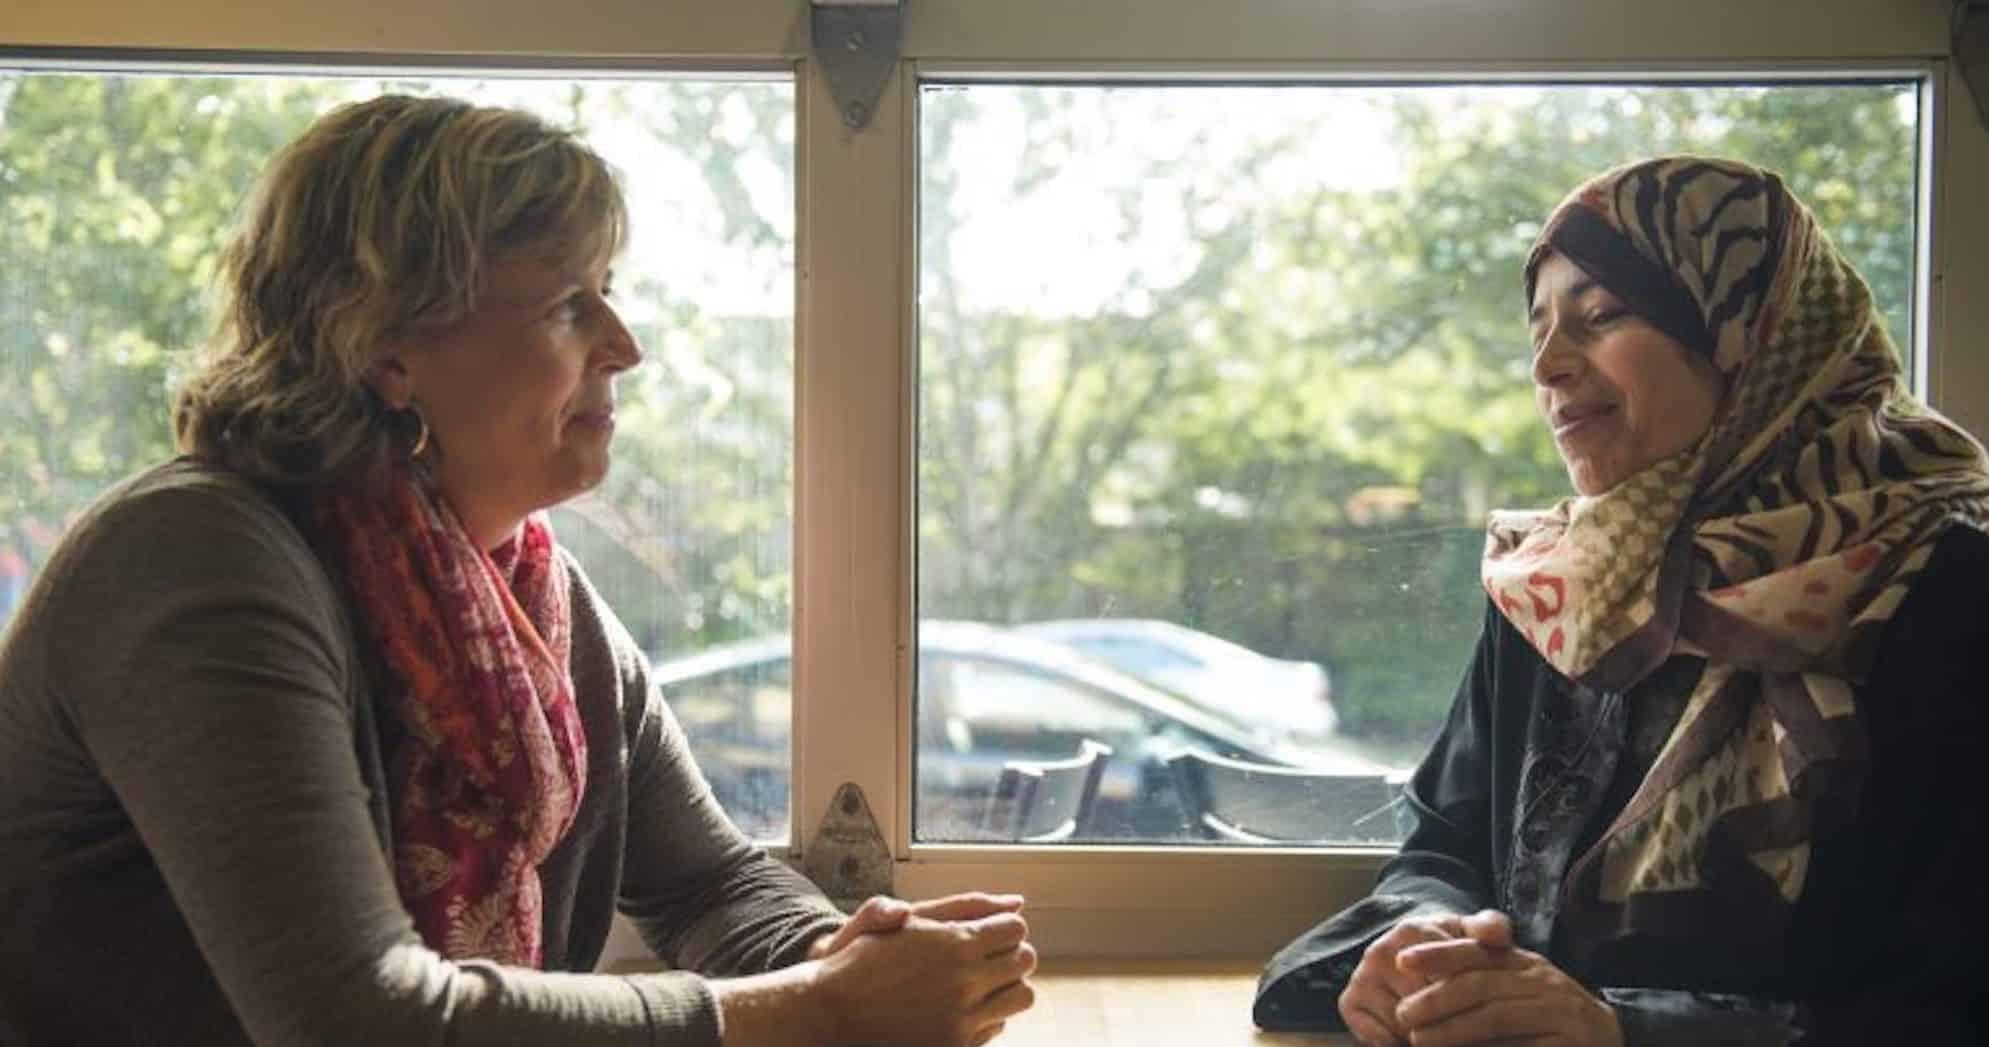 一位金发女士和一位戴头巾的女士坐在窗边的桌子旁